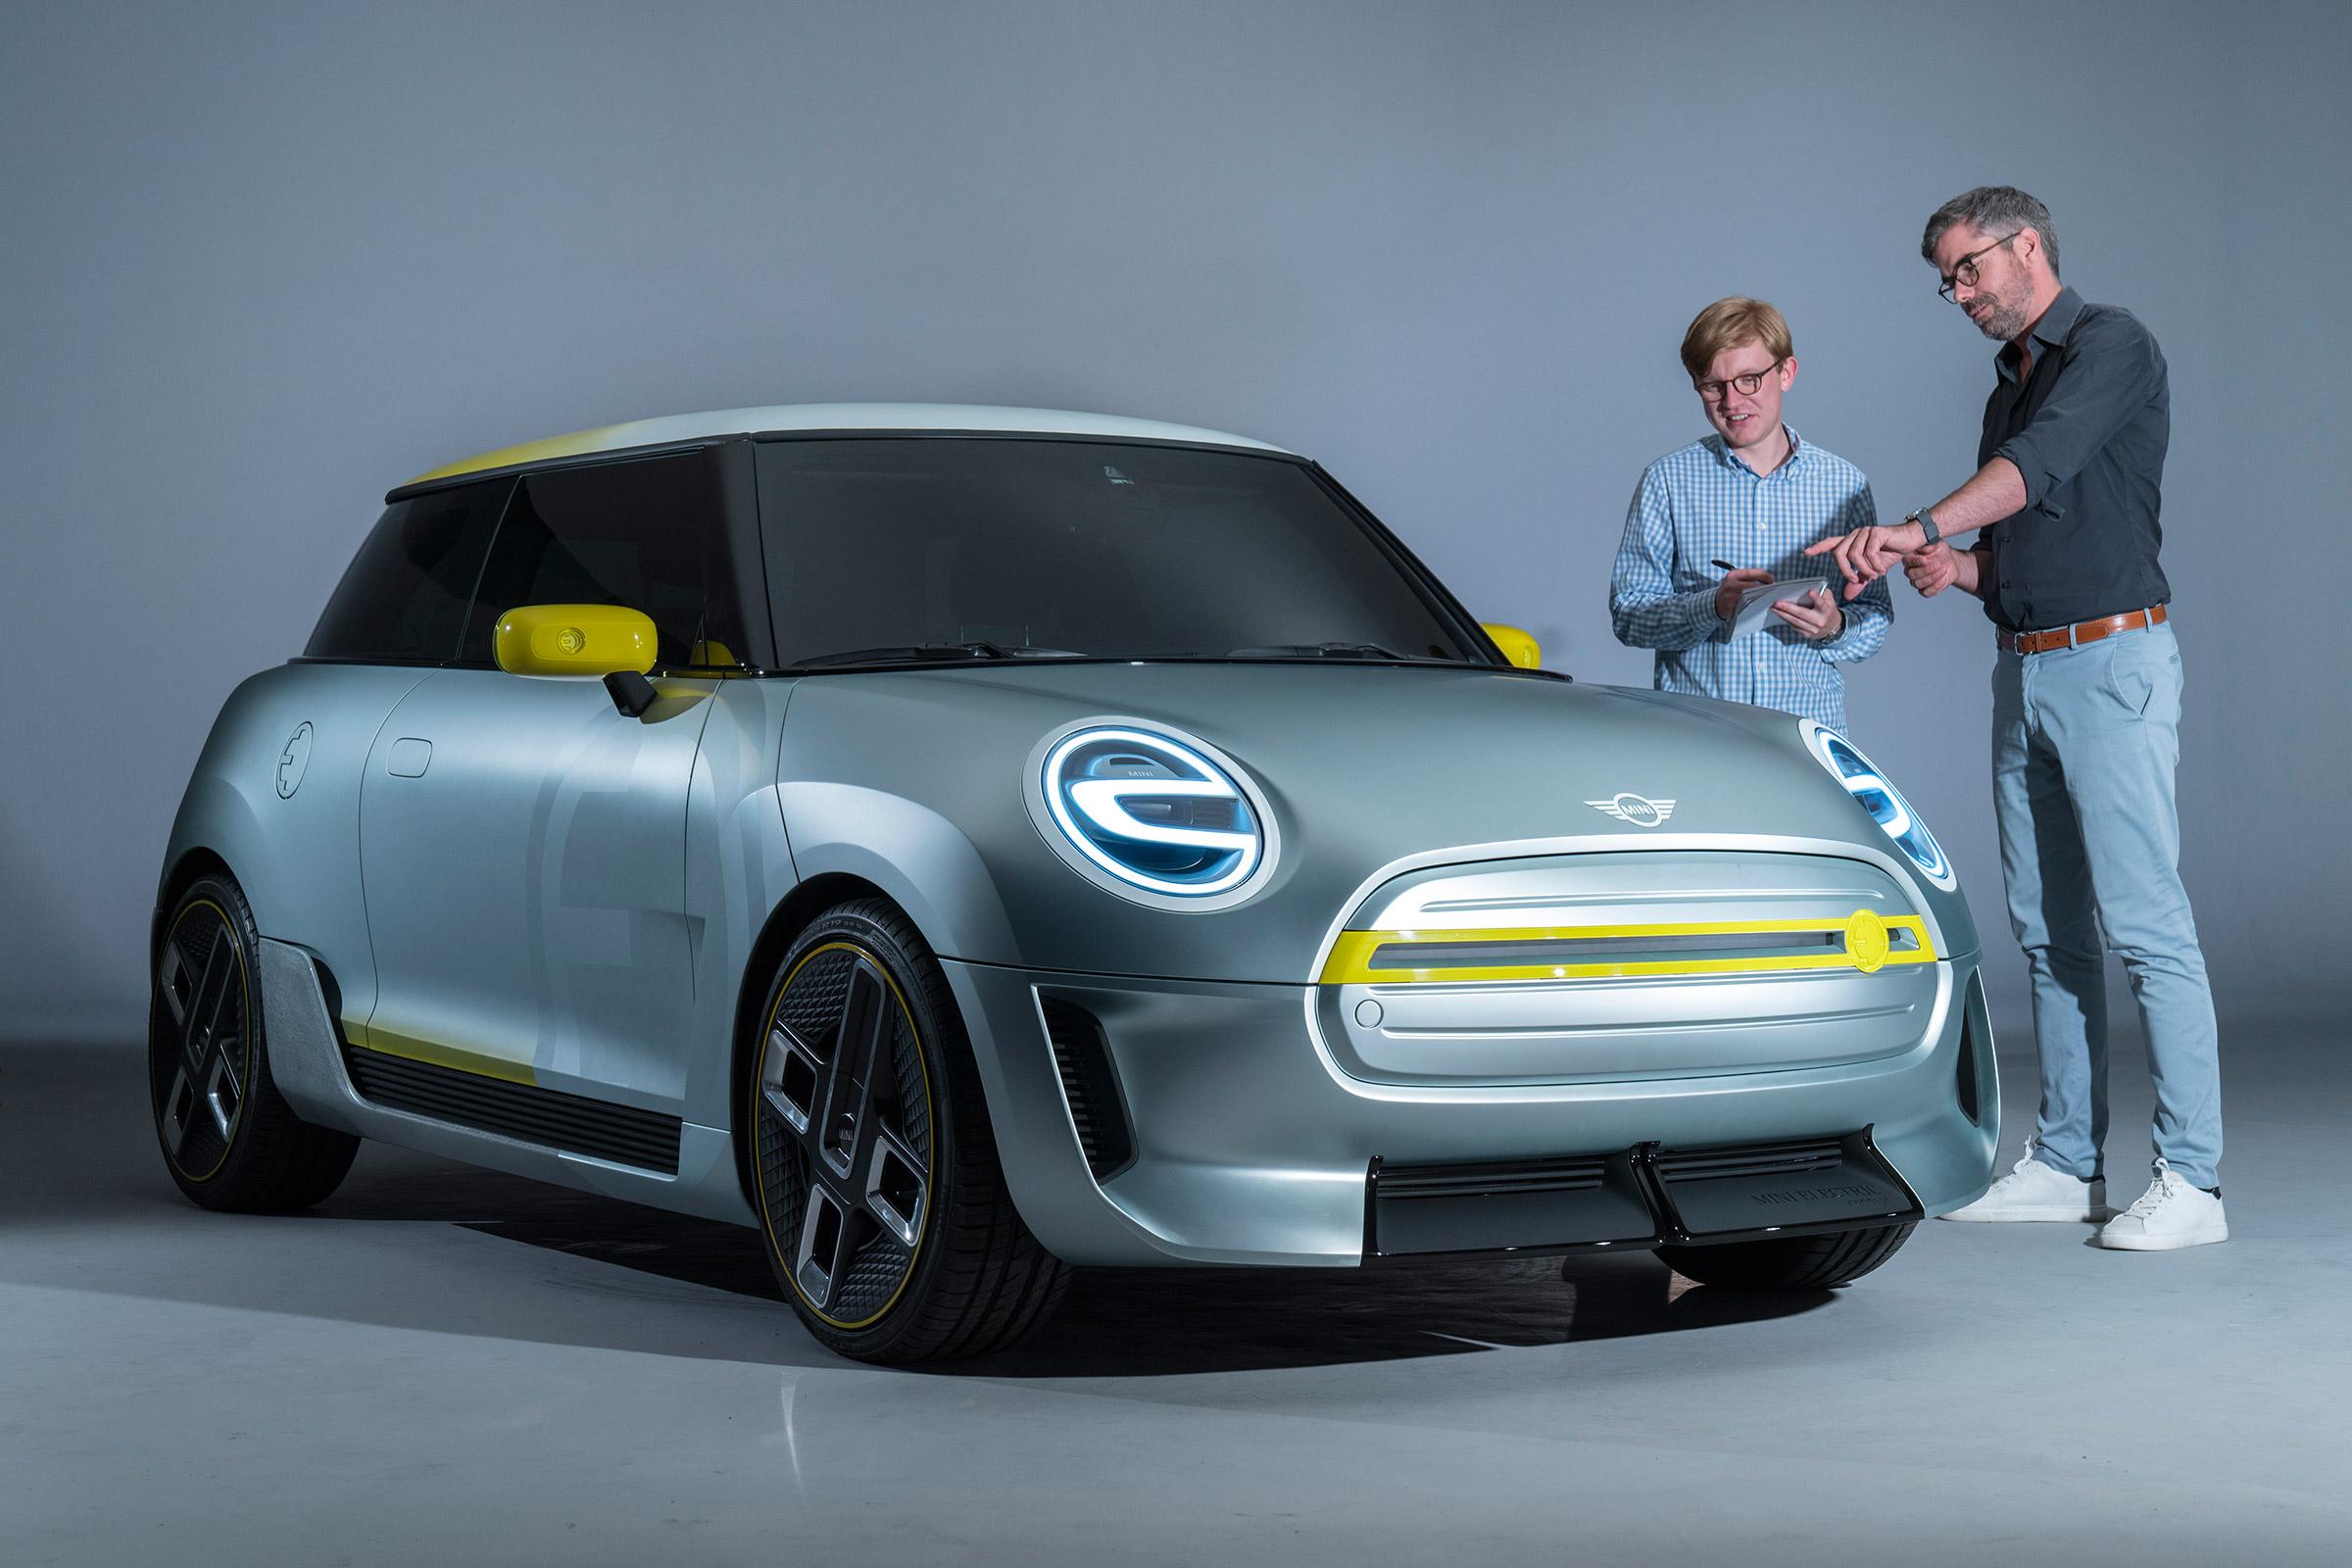 Electric Mini Cooper >> [100% Electrique] MINI Electric [2019 - 202x] - Auto titre